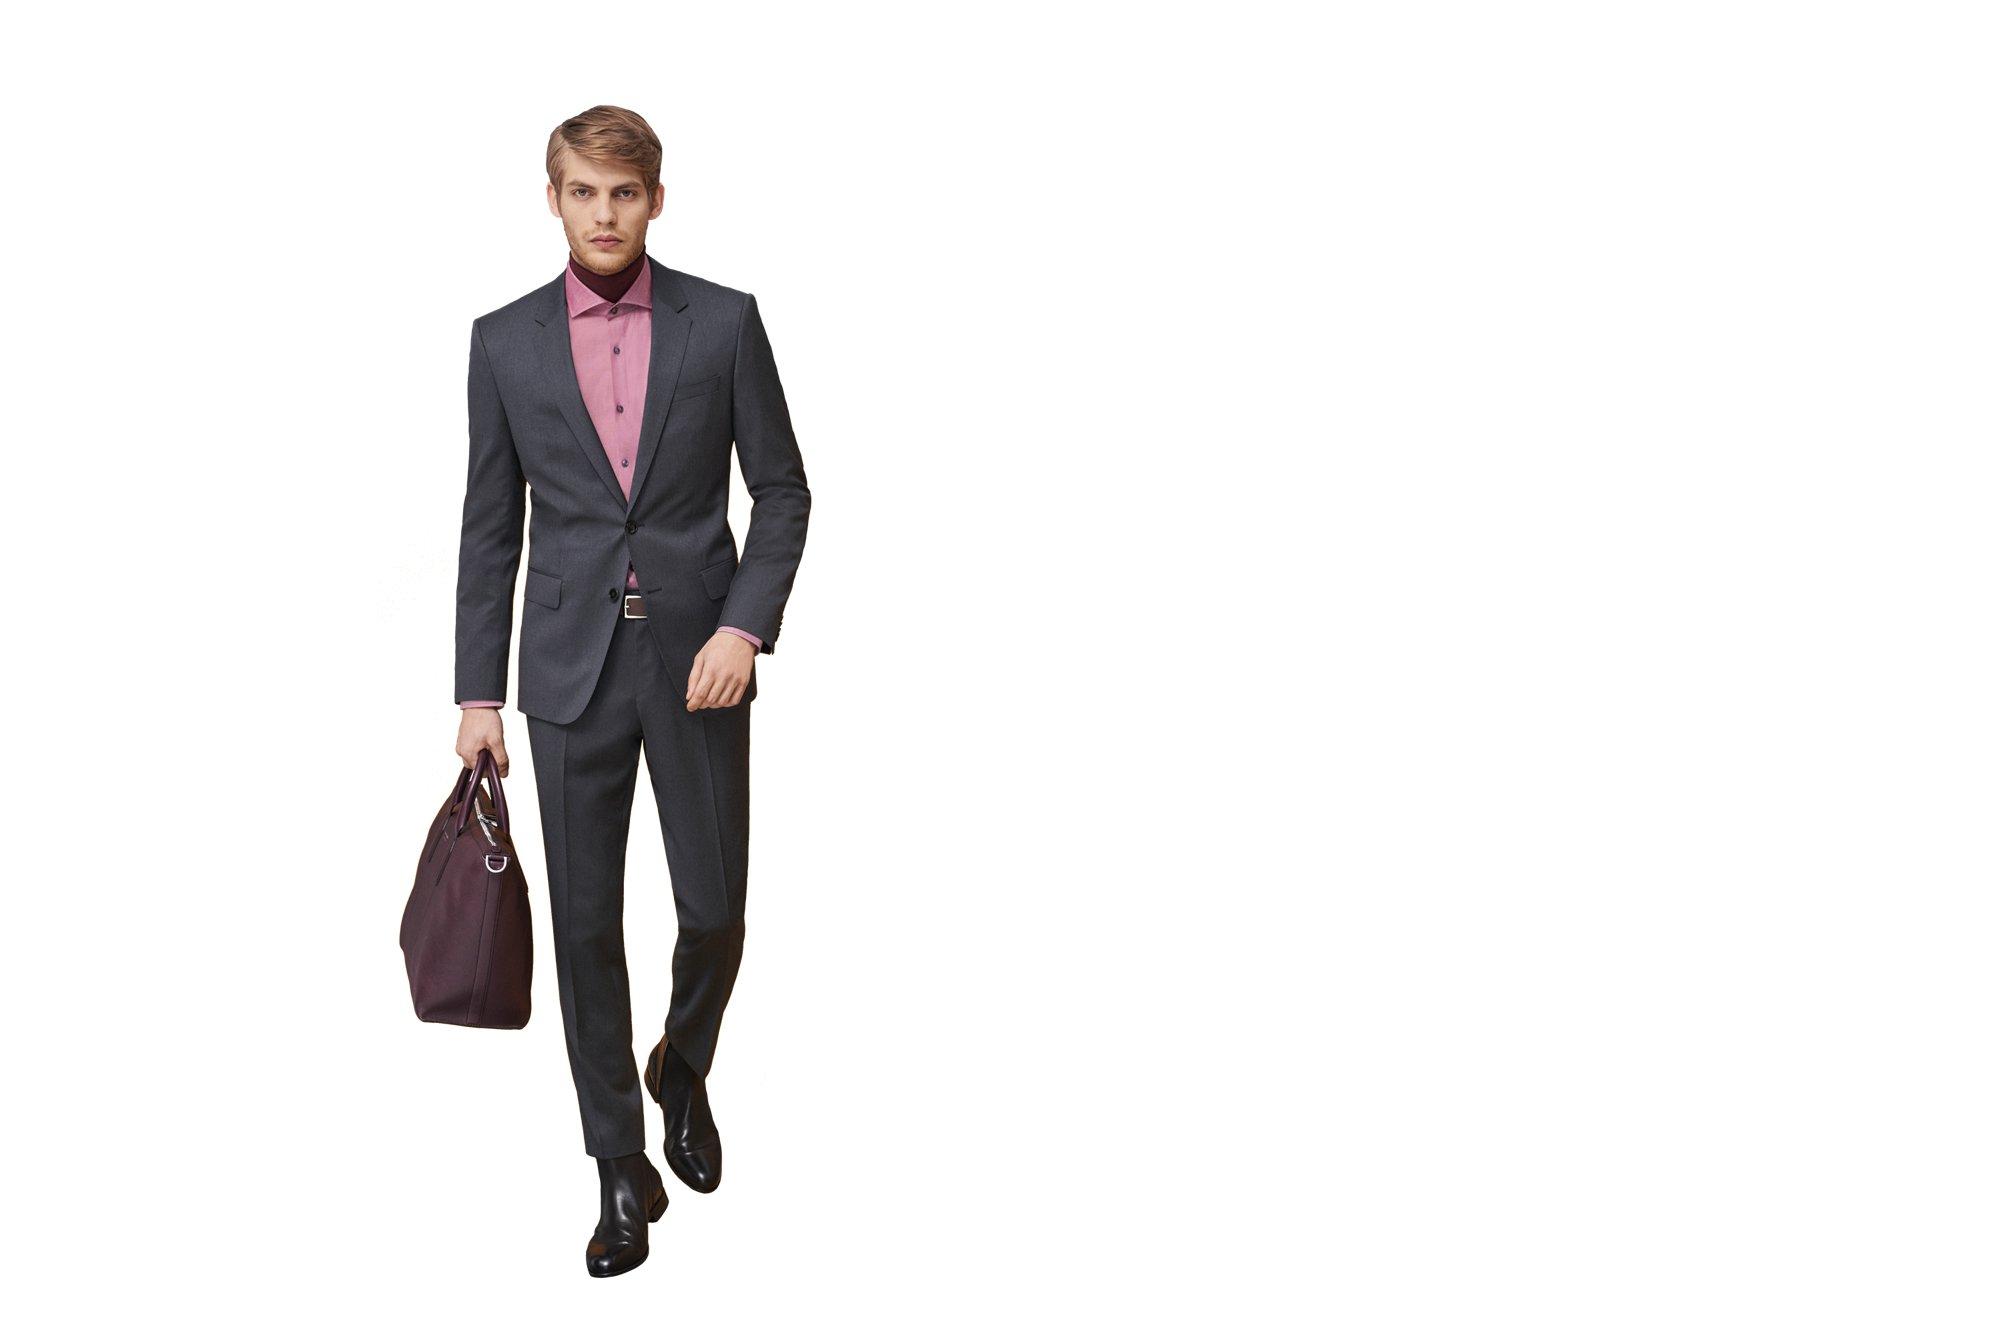 Grauer Anzug, pinkfarbenes Hemd und schwarze Boots von BOSS